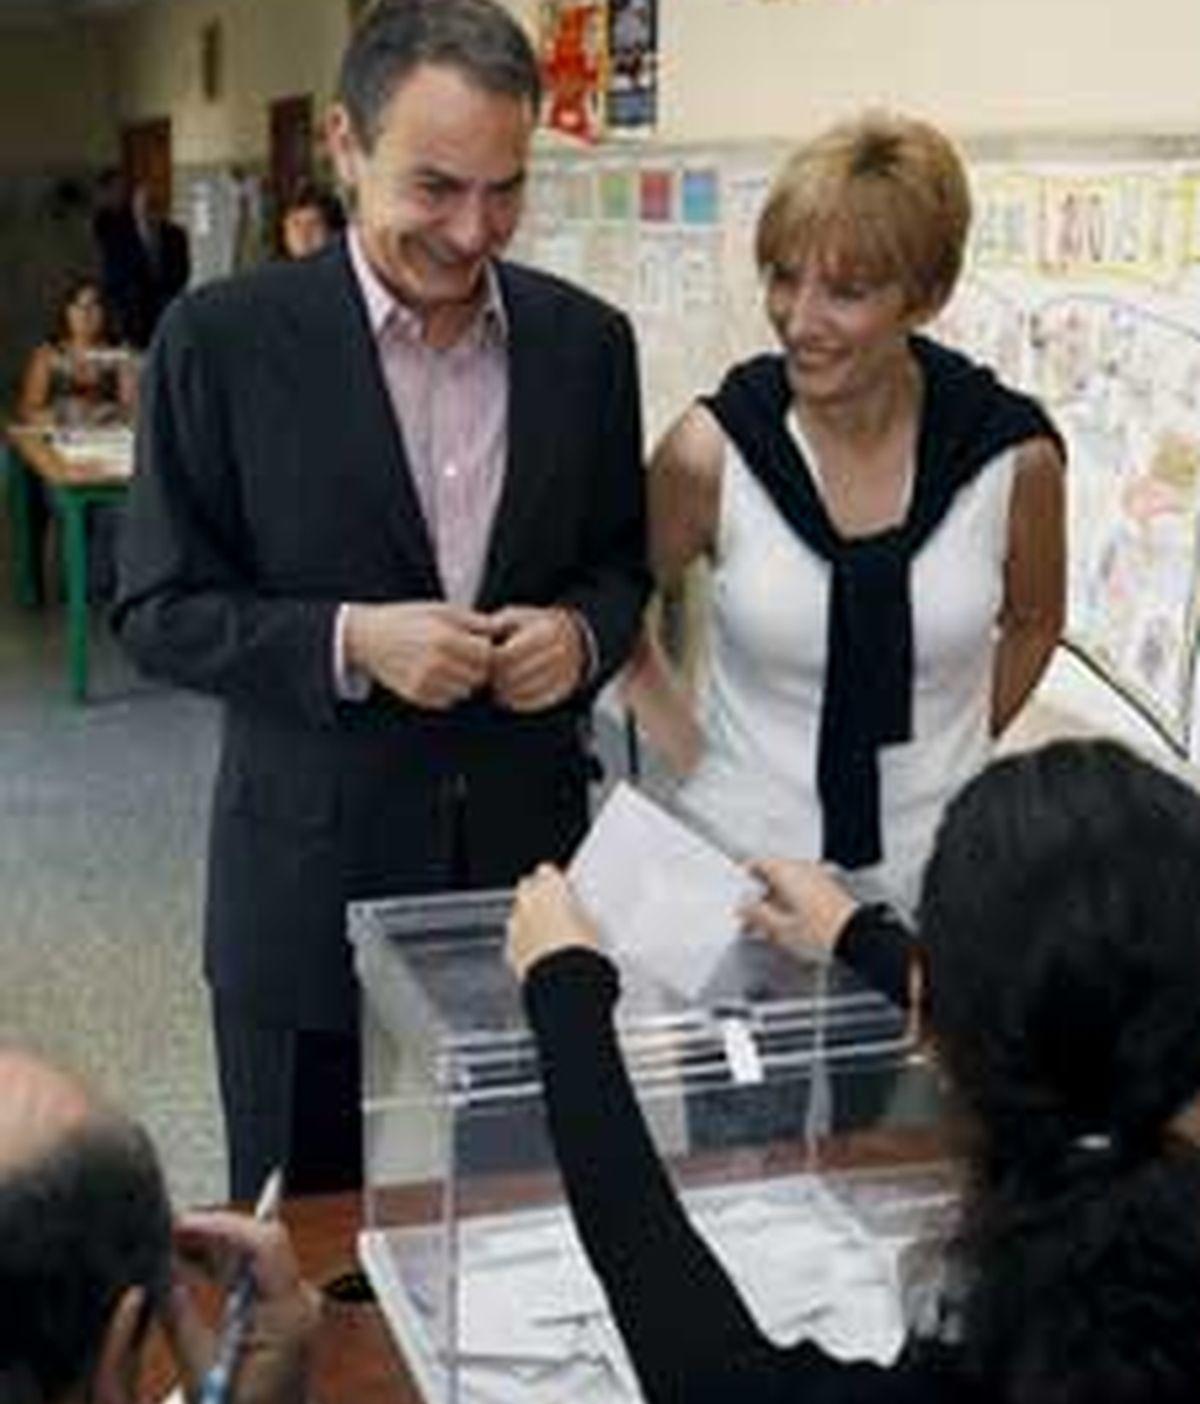 Zapatero y su mujer, Sonsoles Espinosa, acuden a votar. Foto: EFE